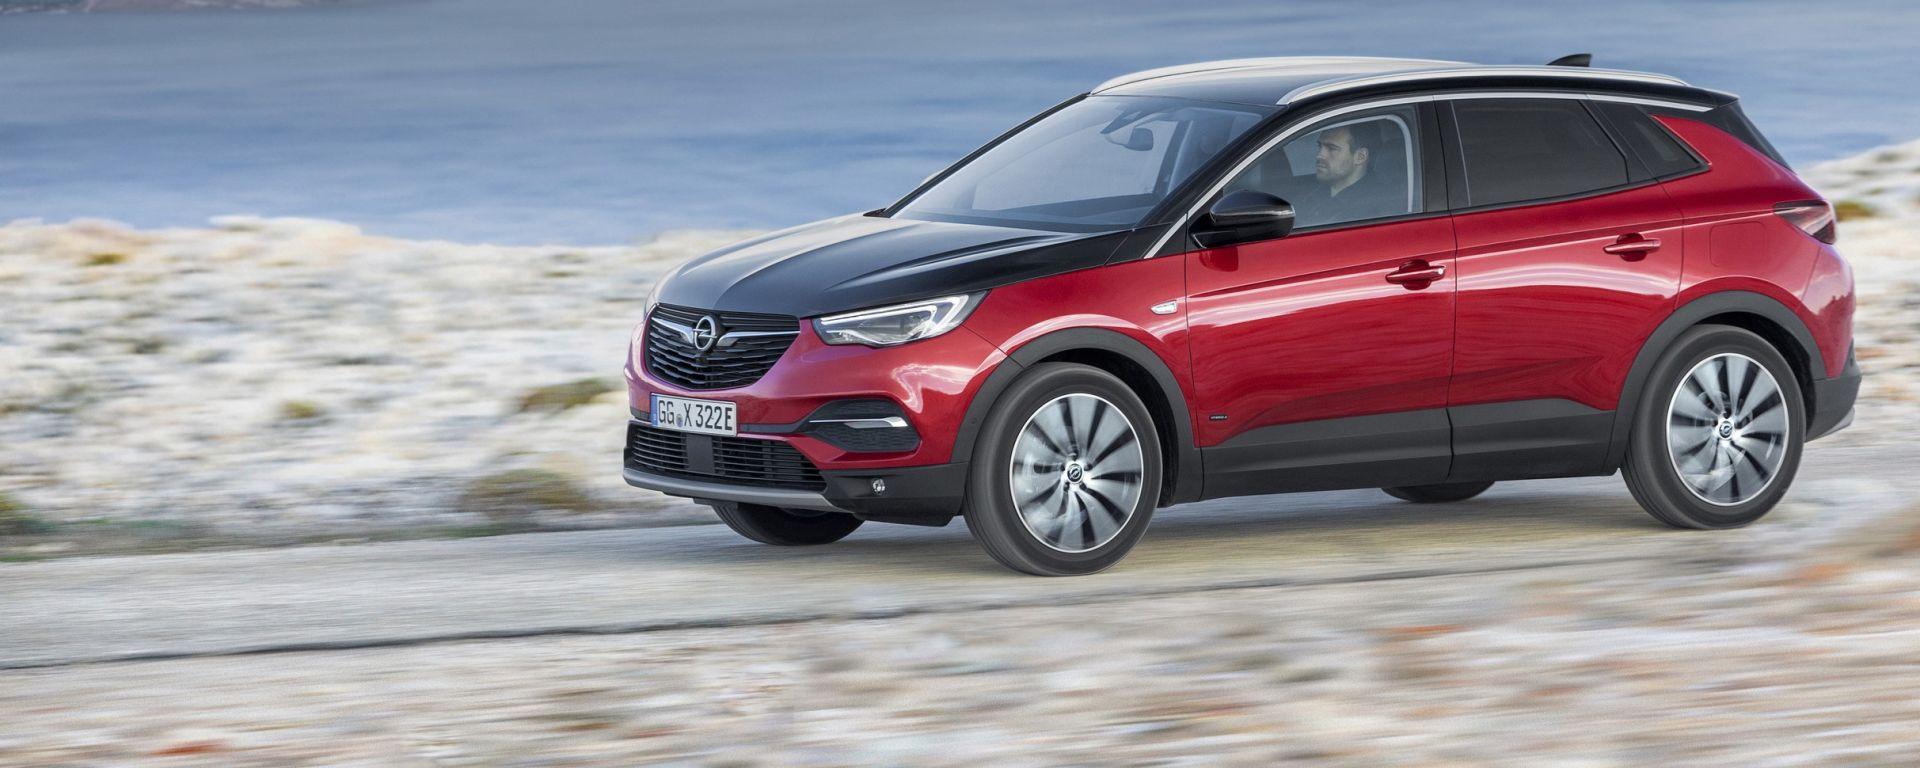 """Risultato immagini per Opel Grandland X ibrida"""""""